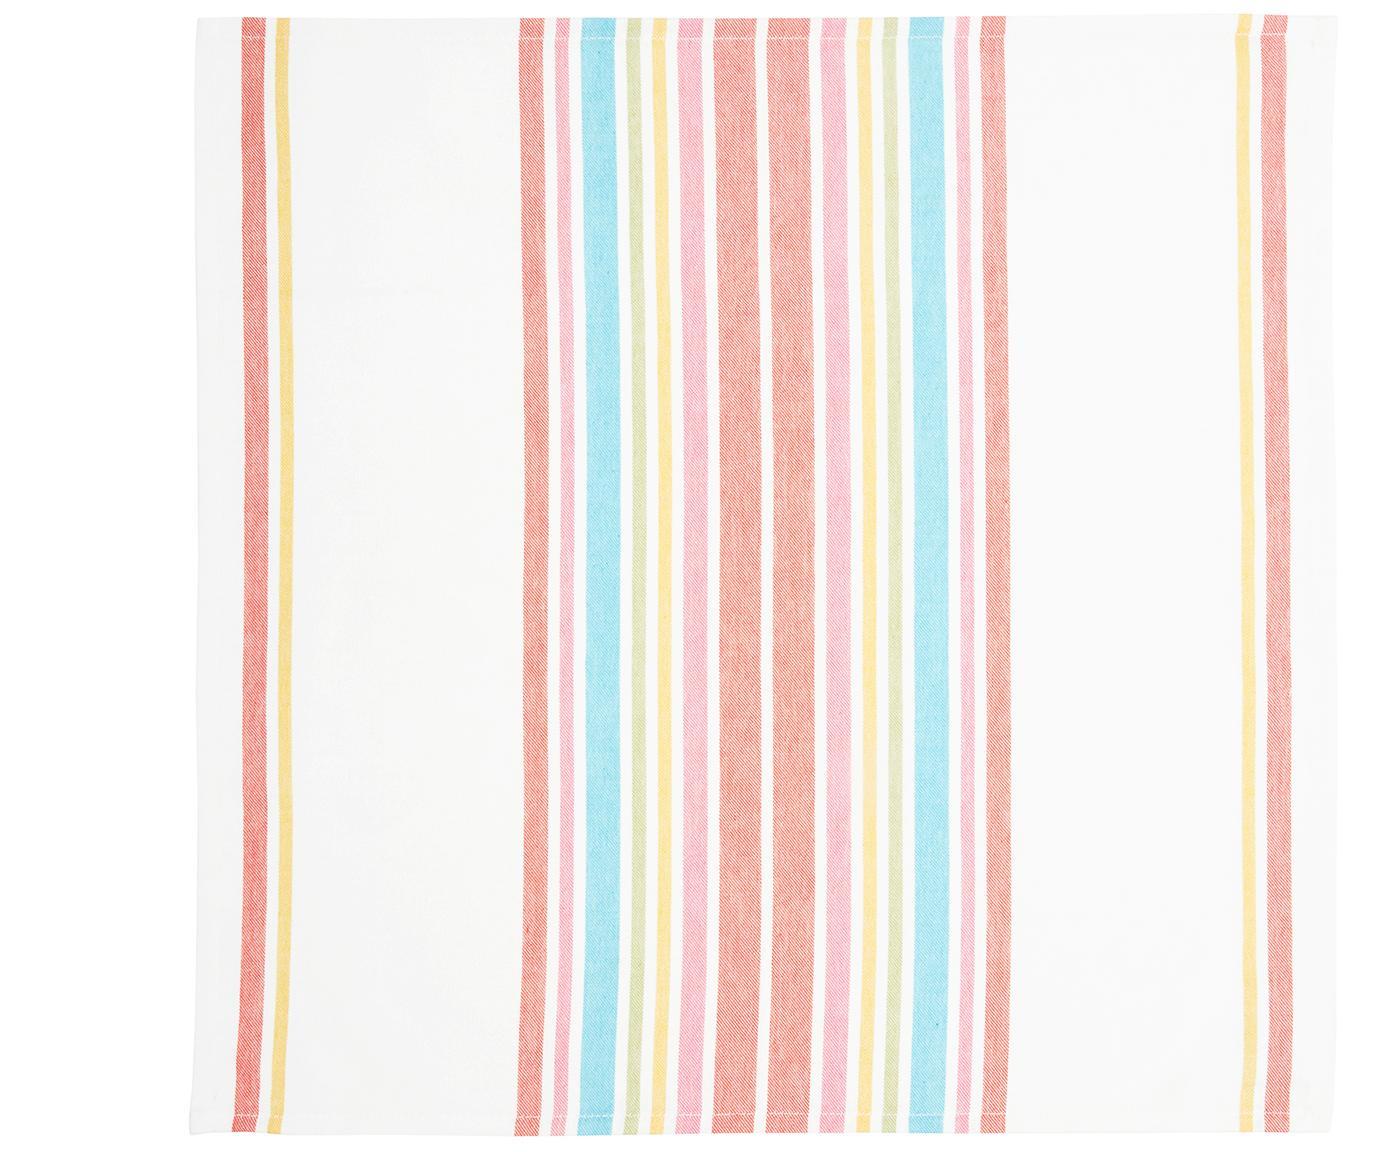 Tovagliolo in cotone Katie 2 pz, Cotone, Multicolore, Larg. 50 x Lung. 50 cm